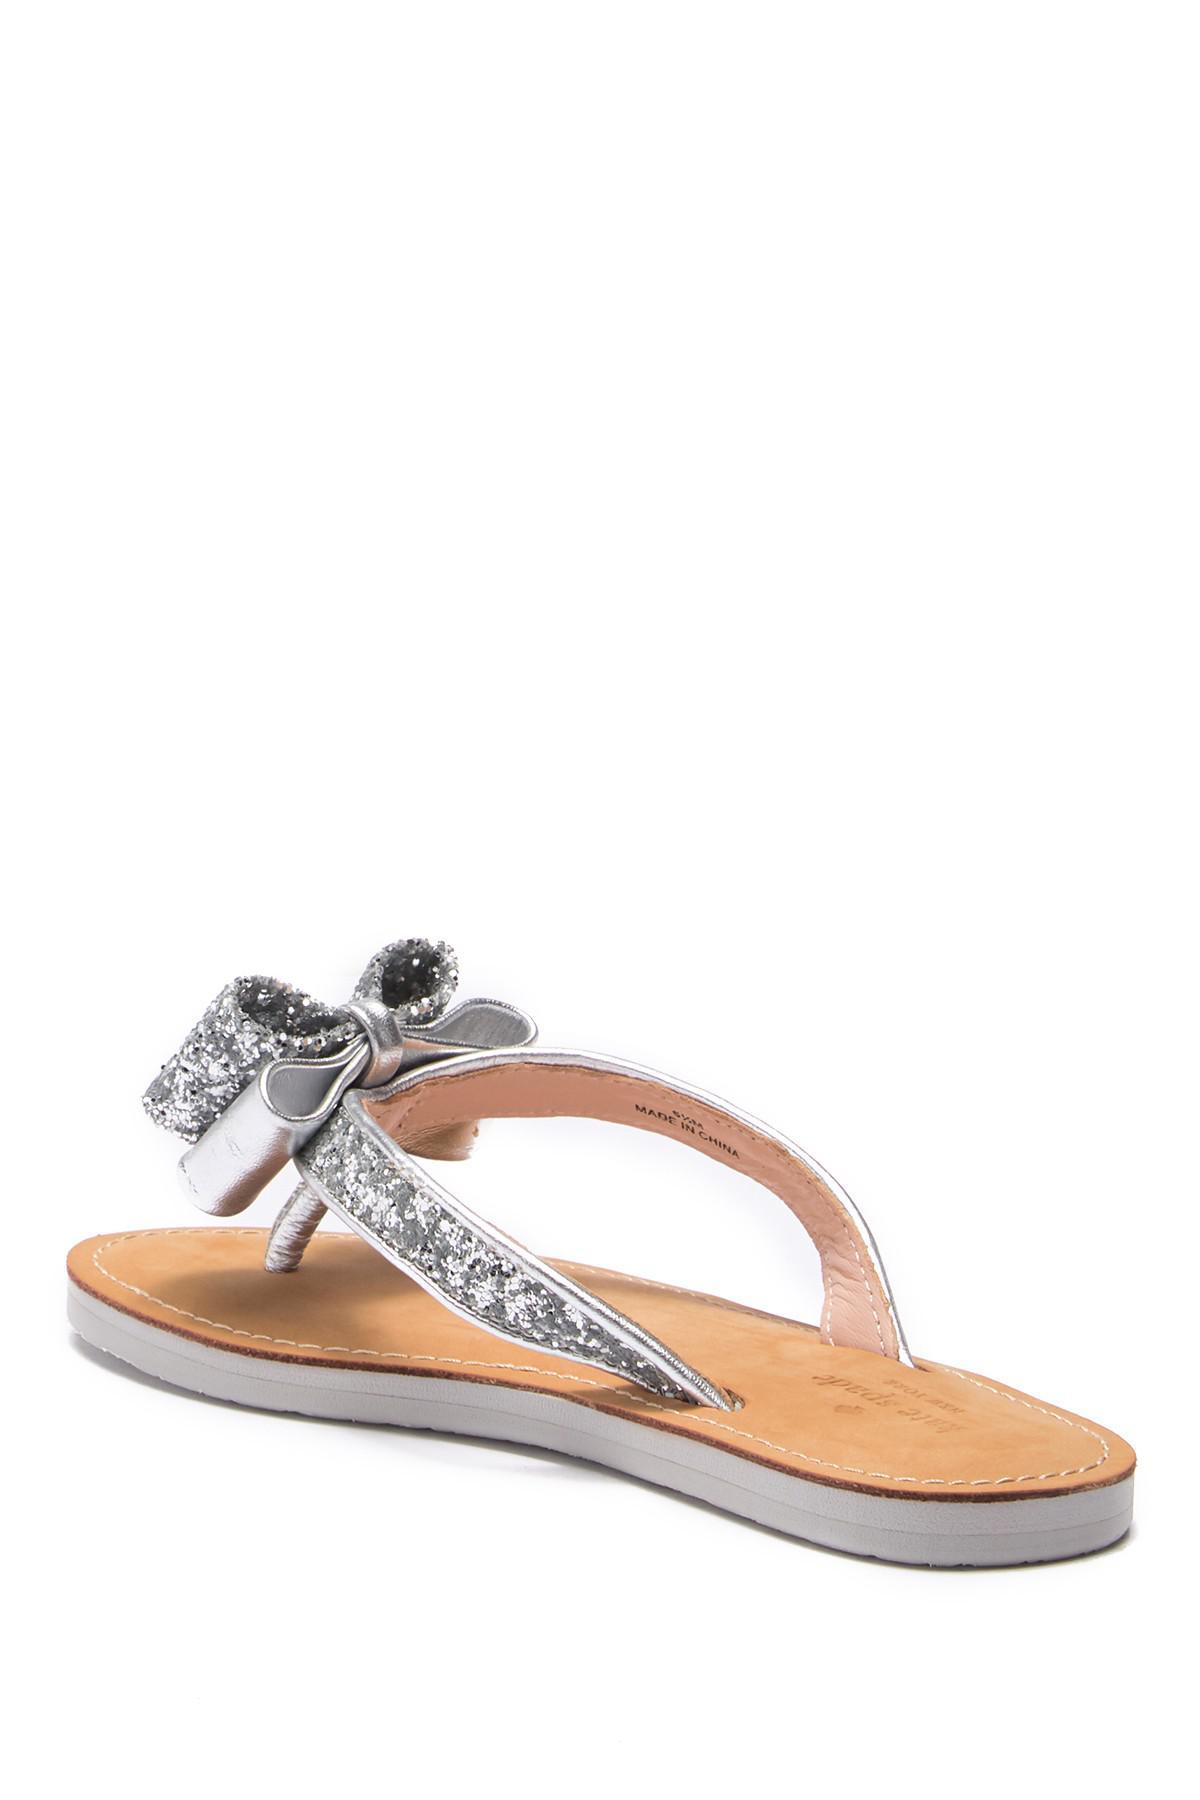 724d953b4efa Lyst - Kate Spade Icarda Glitter Bow Flip-flop in Metallic